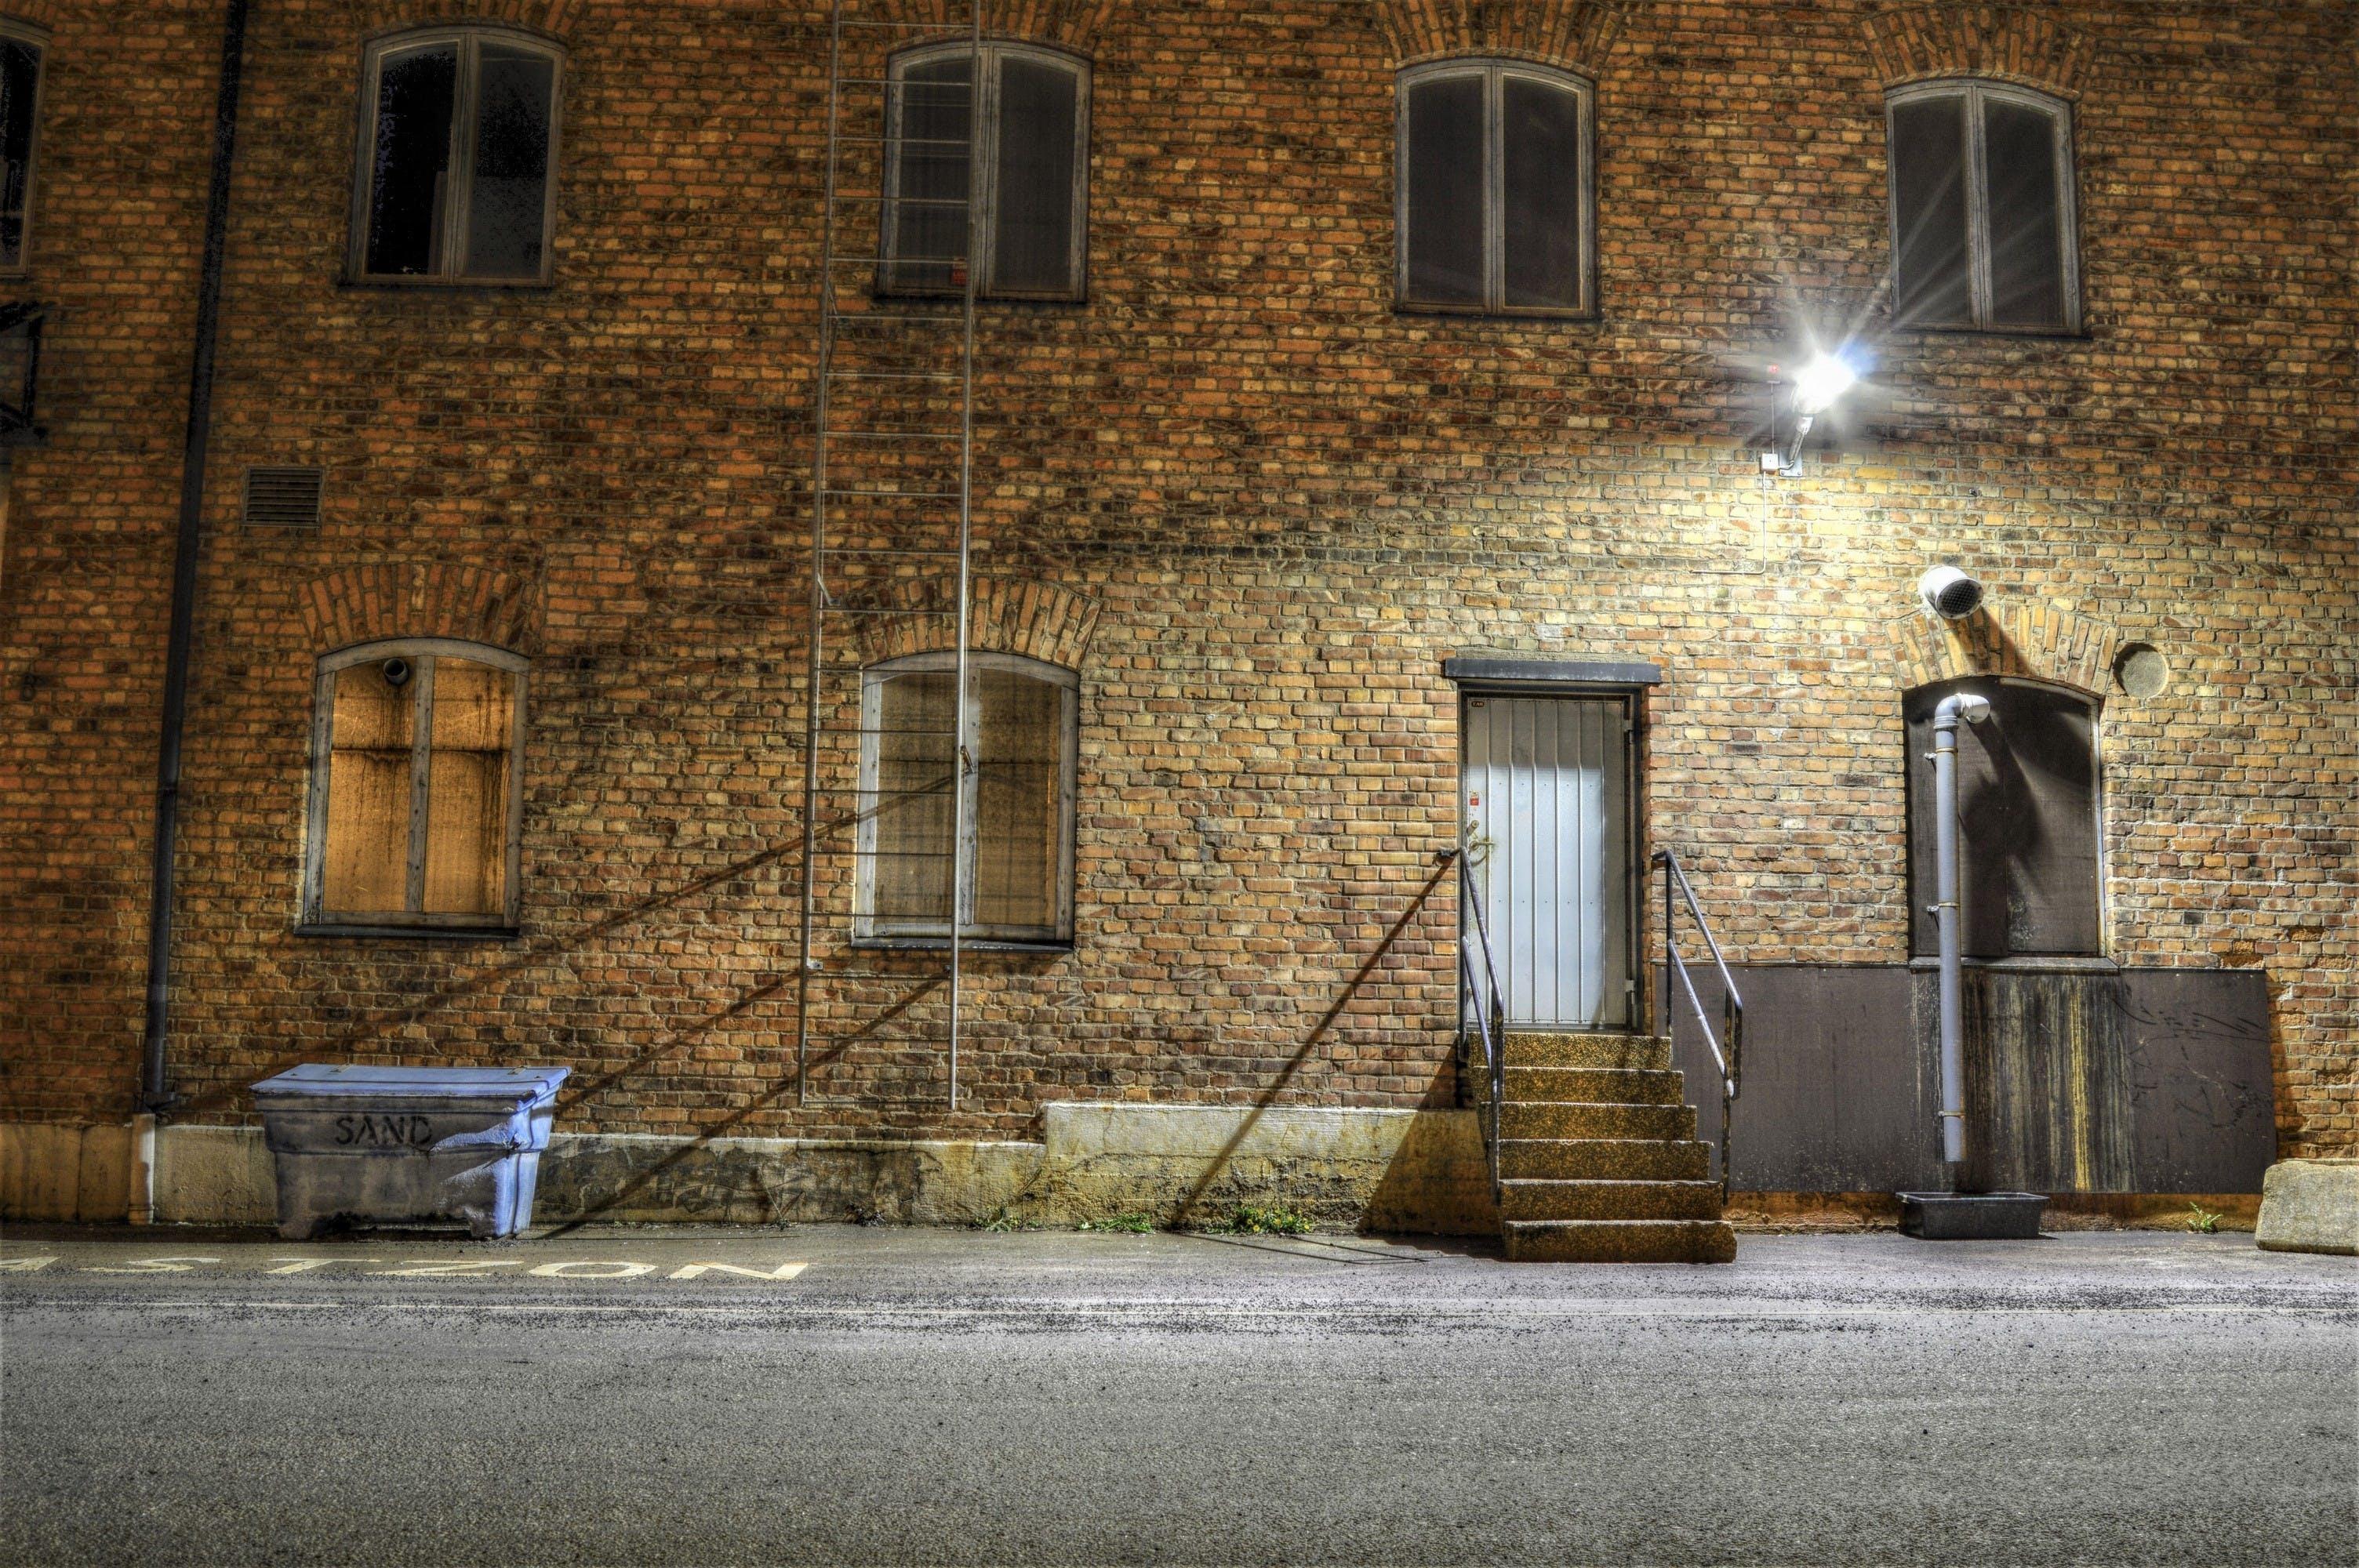 Free stock photo of brick wall, building, door, evening